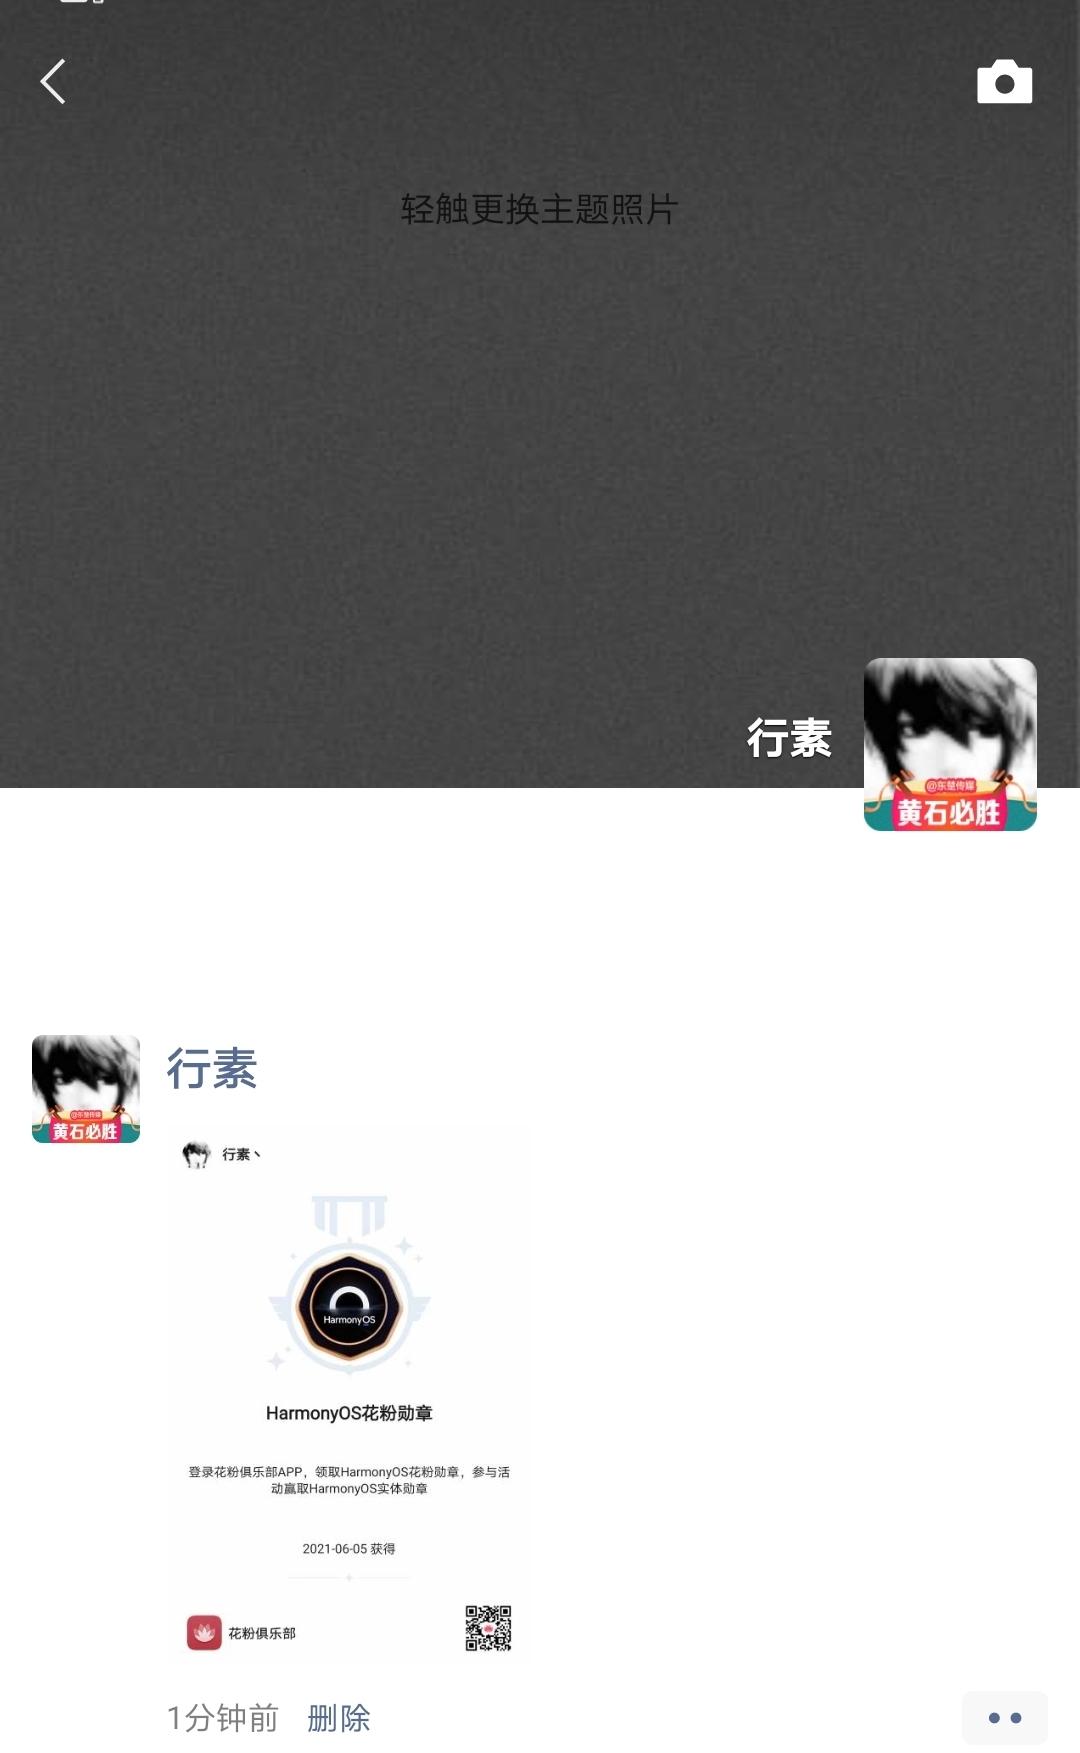 Screenshot_20210605_203955.jpg